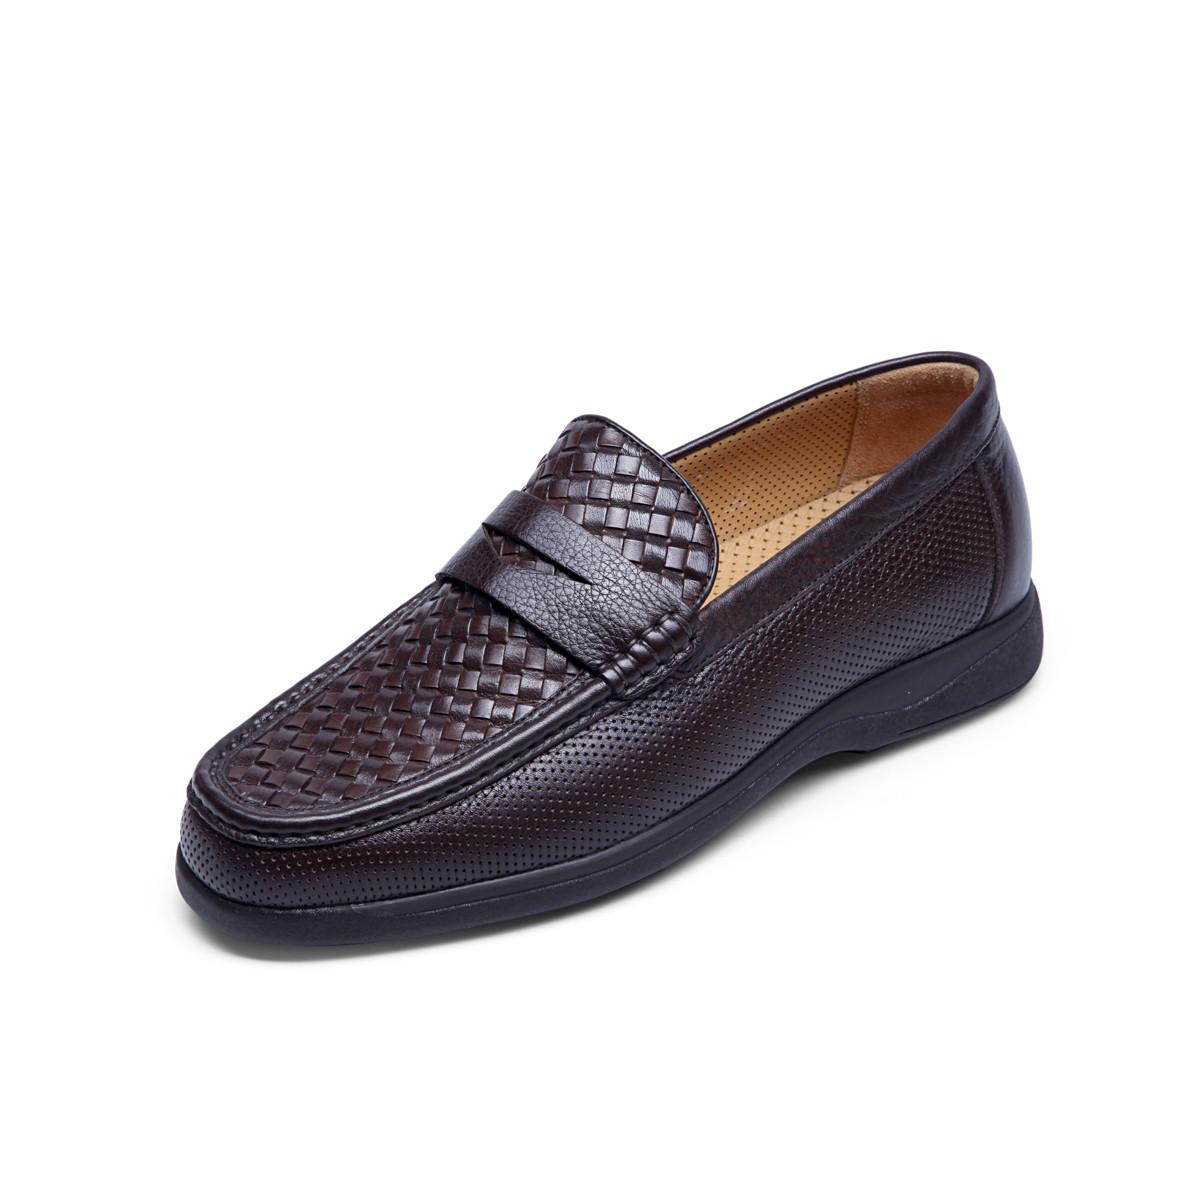 巴路士巴路士透气懒人鞋防滑驾车鞋舒适套脚鞋男士皮鞋男鞋BC41W1085K02